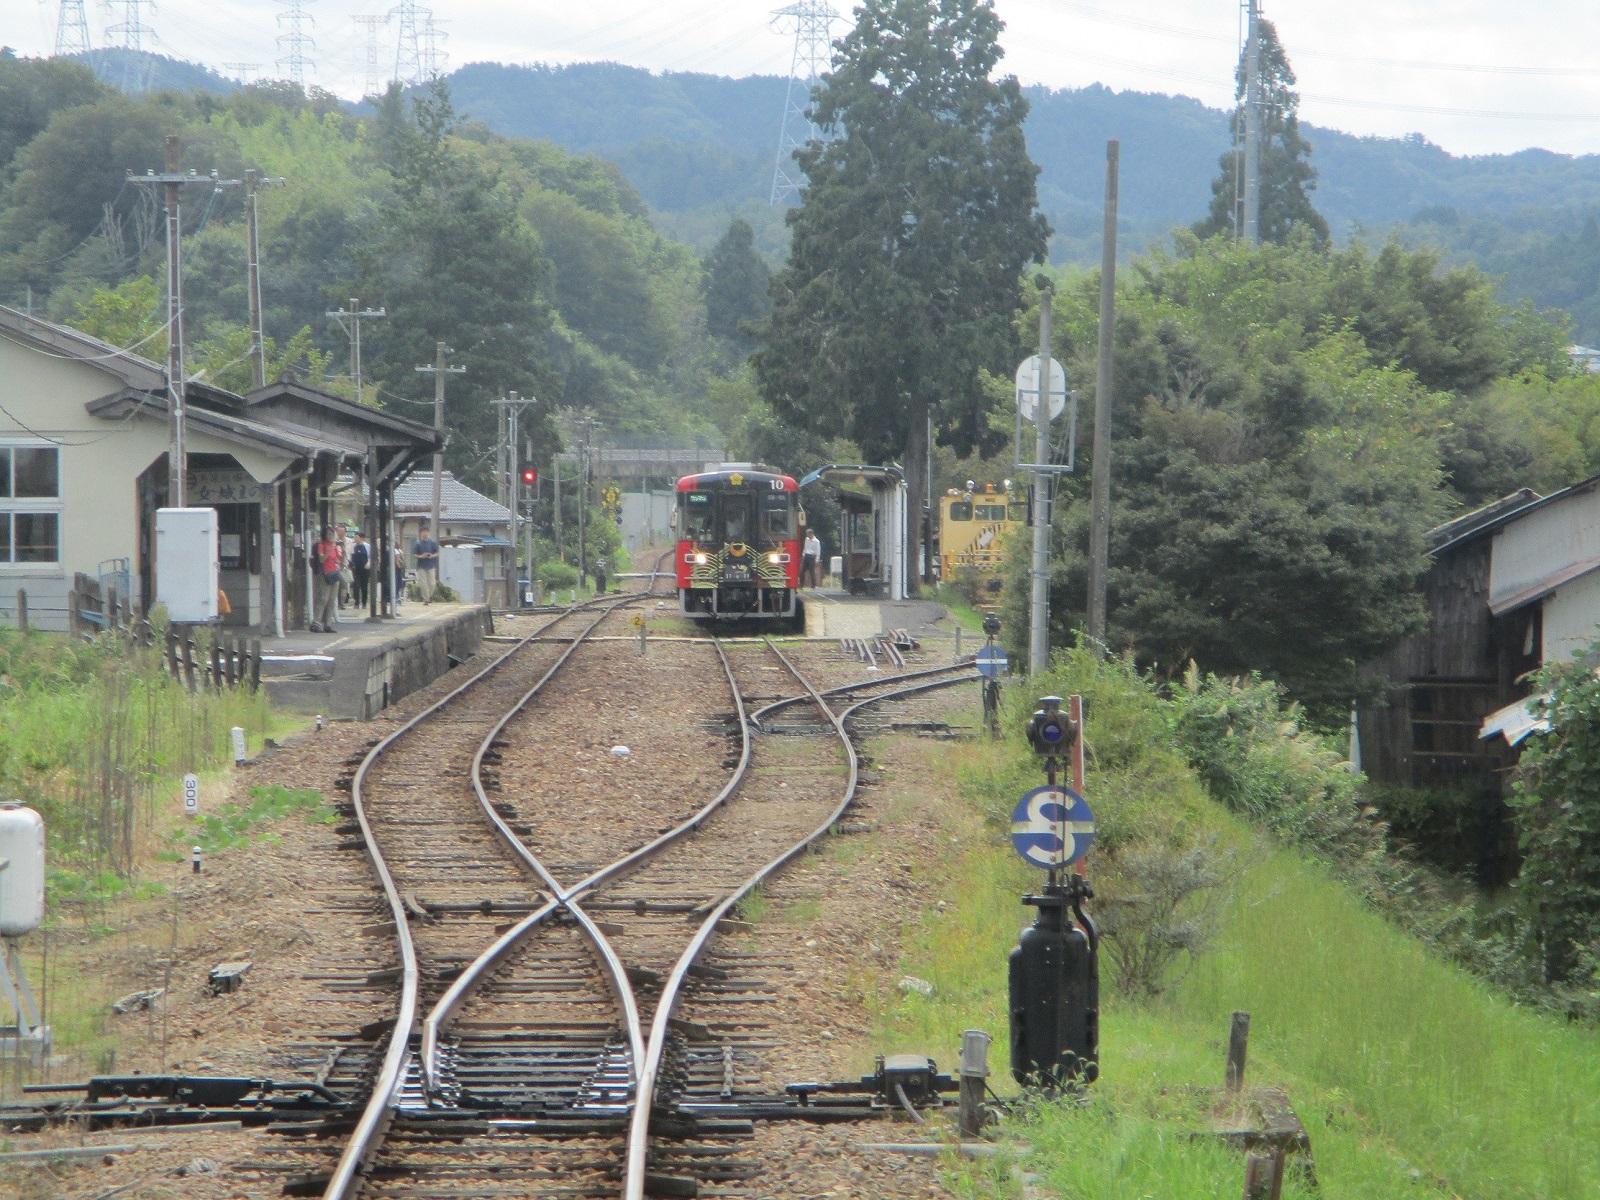 2019.9.22 (18) 明智いきふつう - 岩村 1600-1200